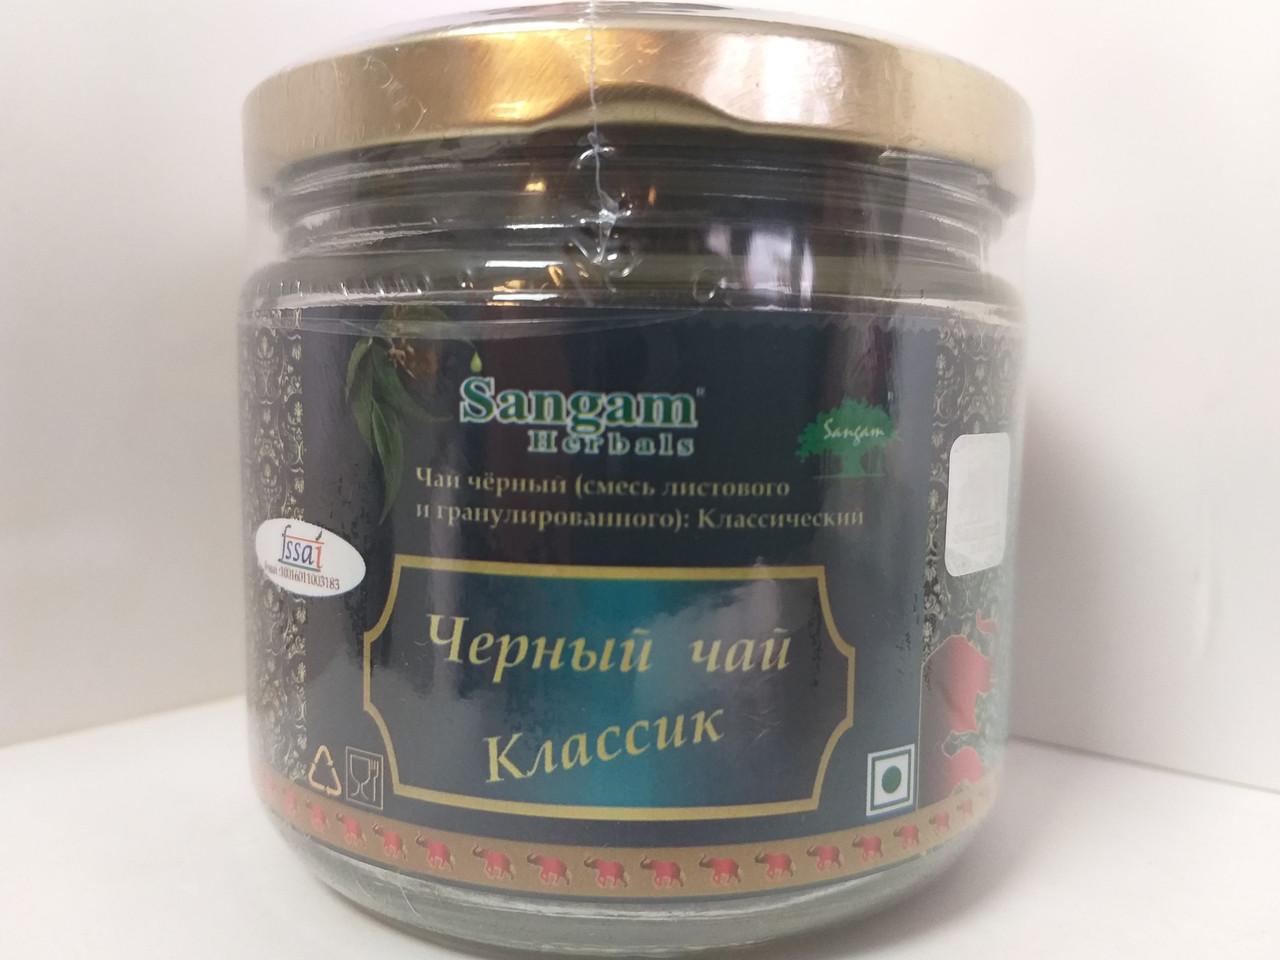 Чай черный (смесь листовой и гранулированный) Классический, в стекле